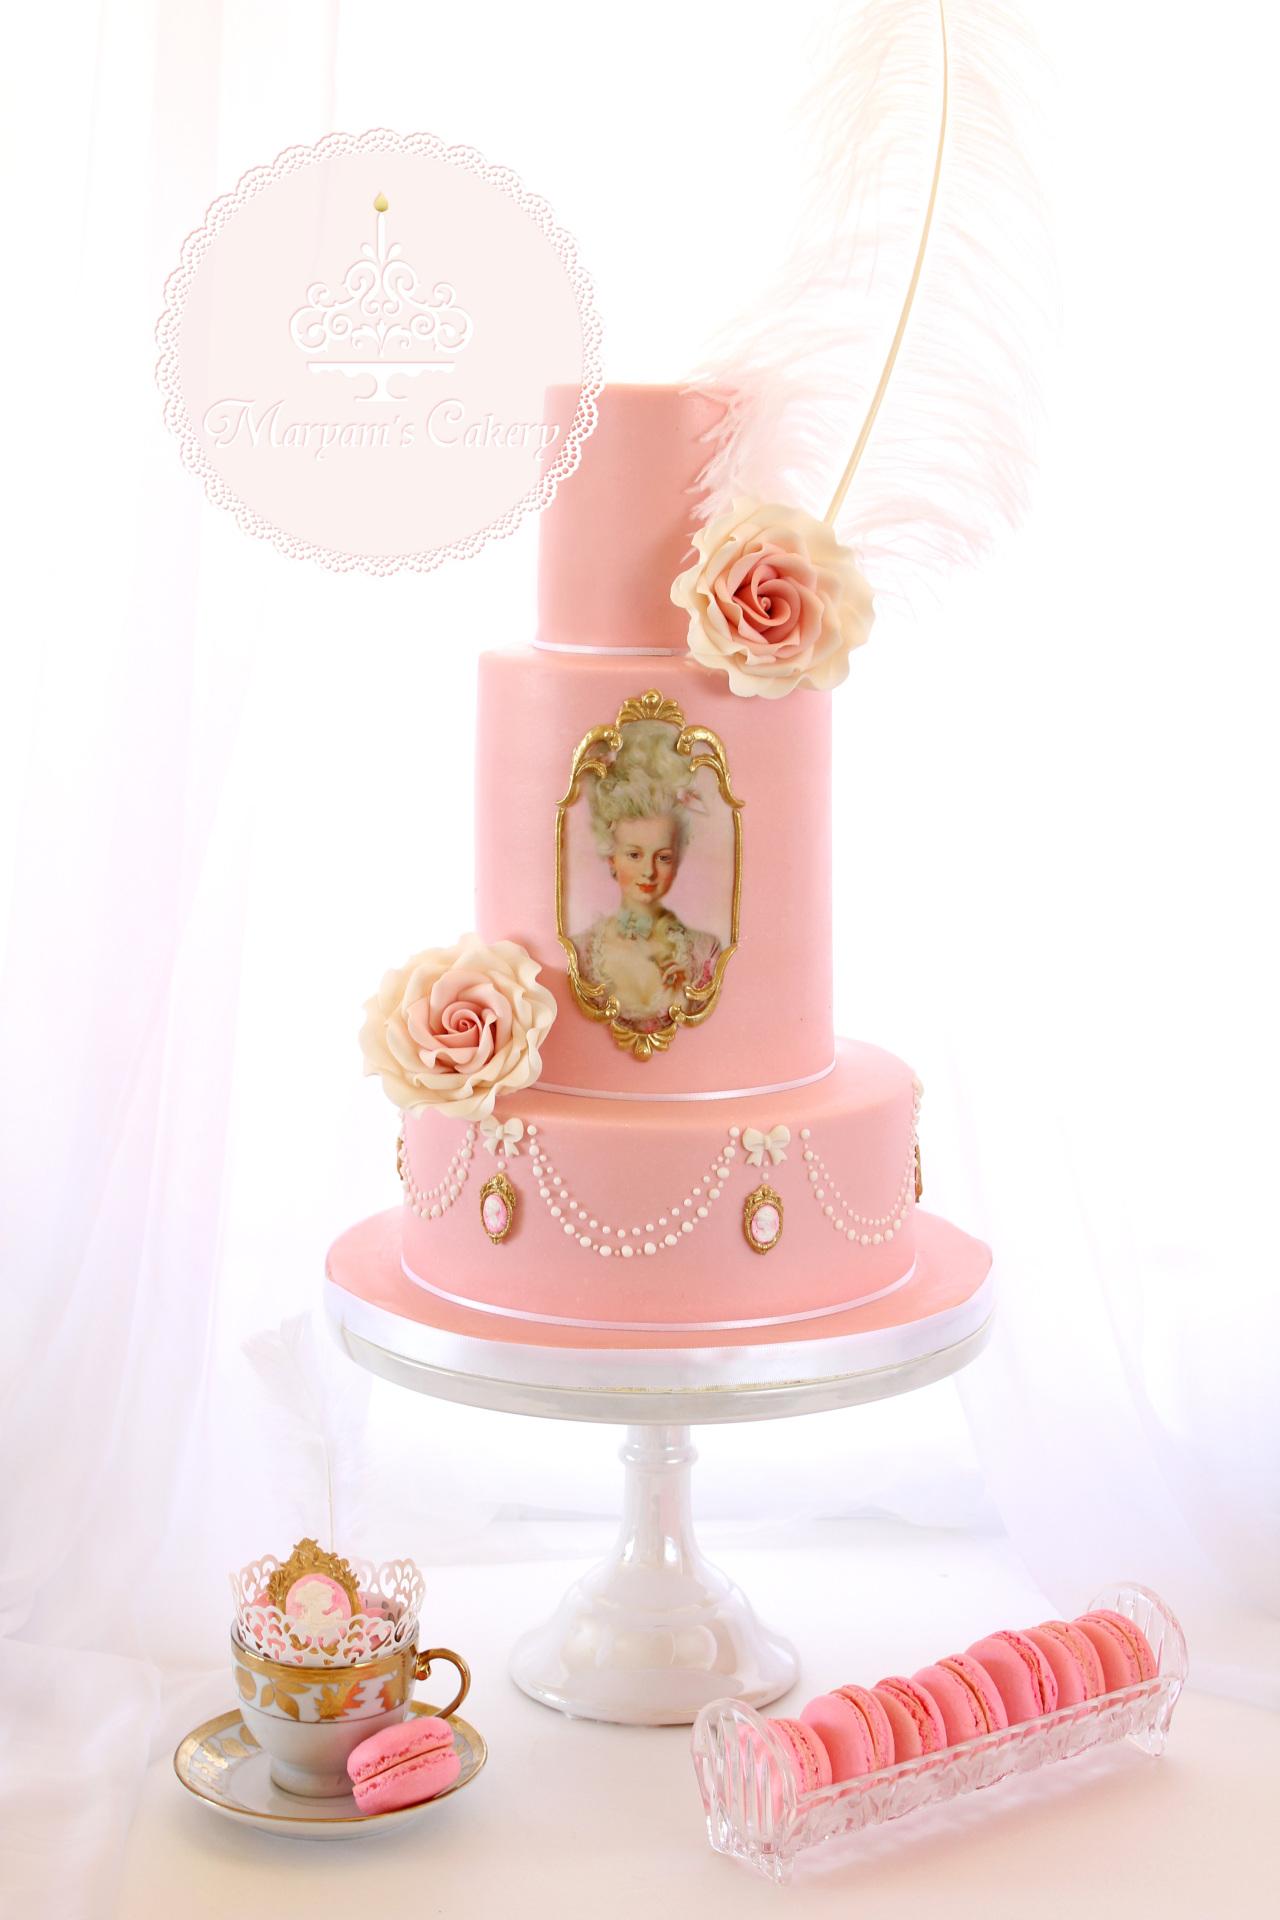 Marie Antoinette theme